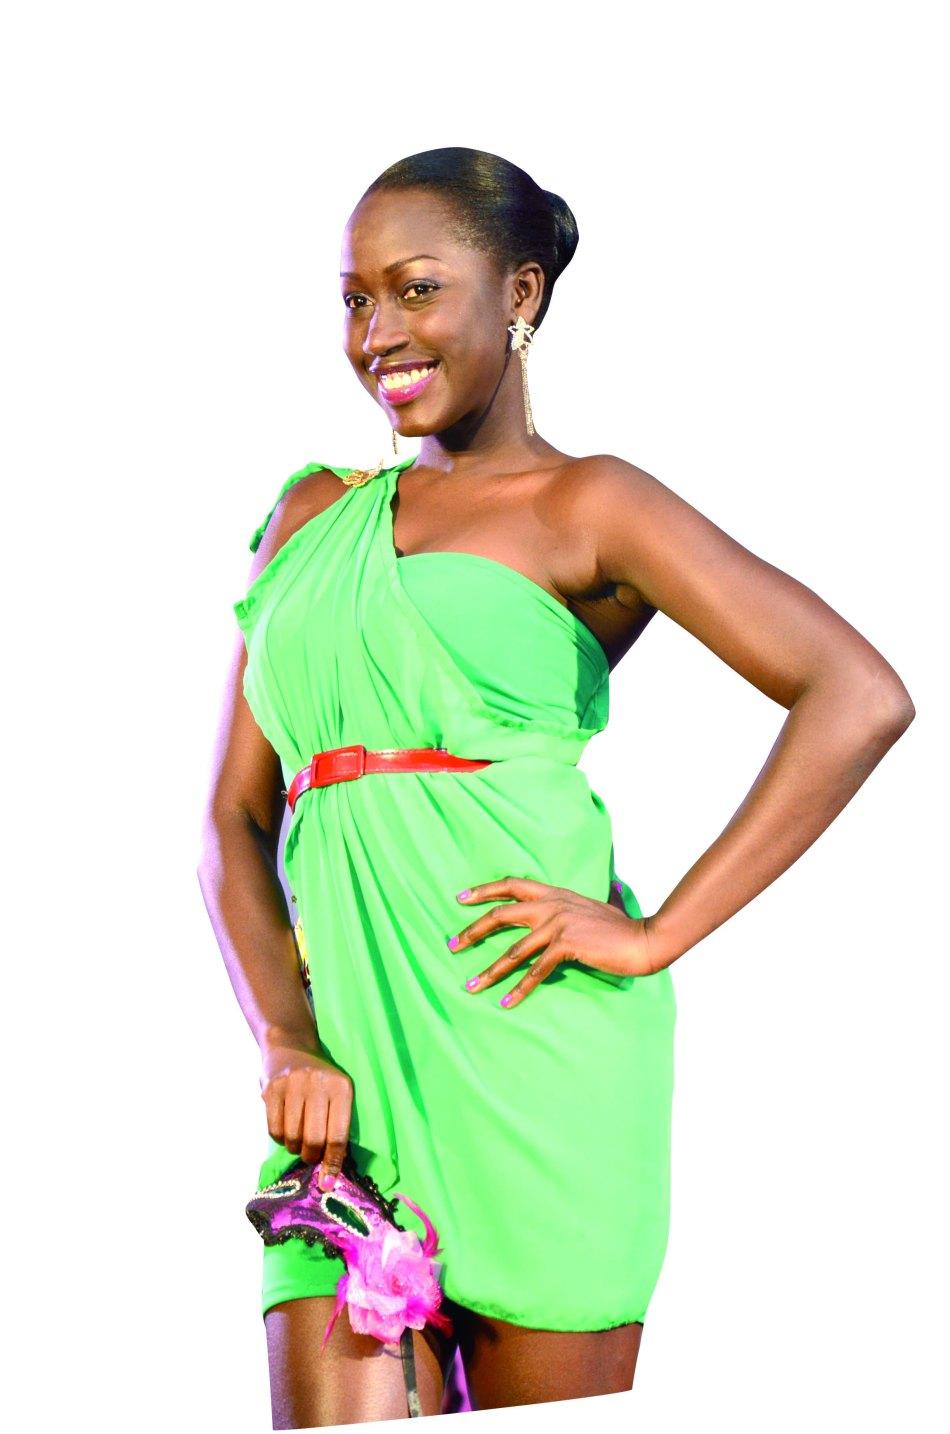 Vanessa Namalwa